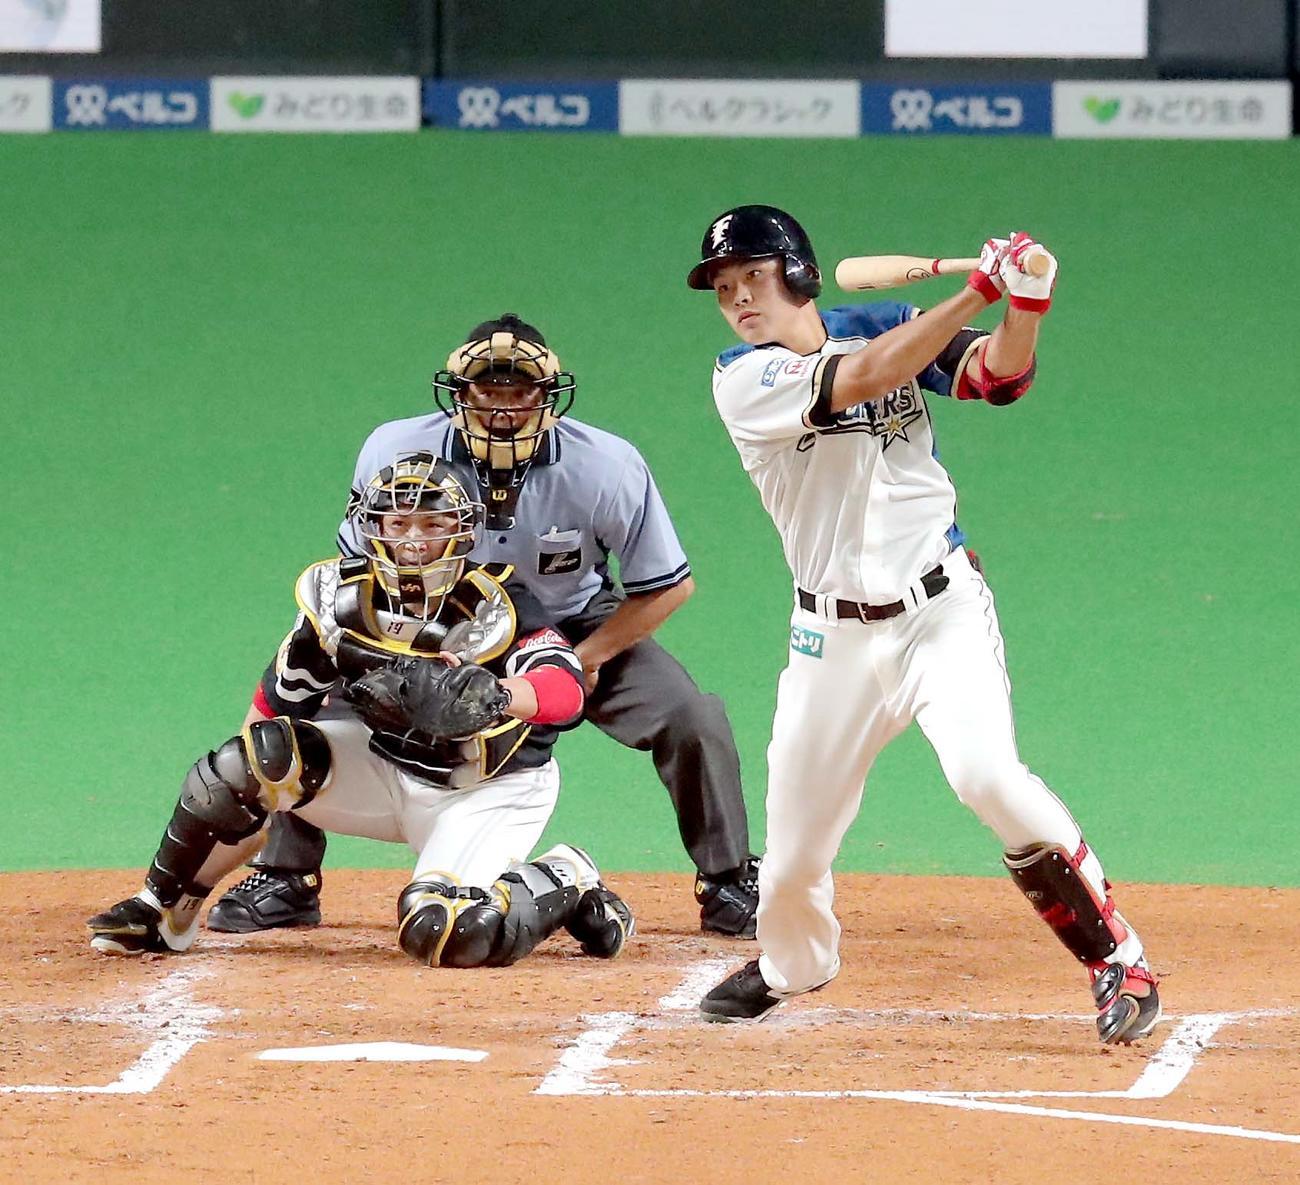 日本ハム対ソフトバンク 2回裏日本ハム1死二塁、野村は右前打を放つ(撮影・佐藤翔太)